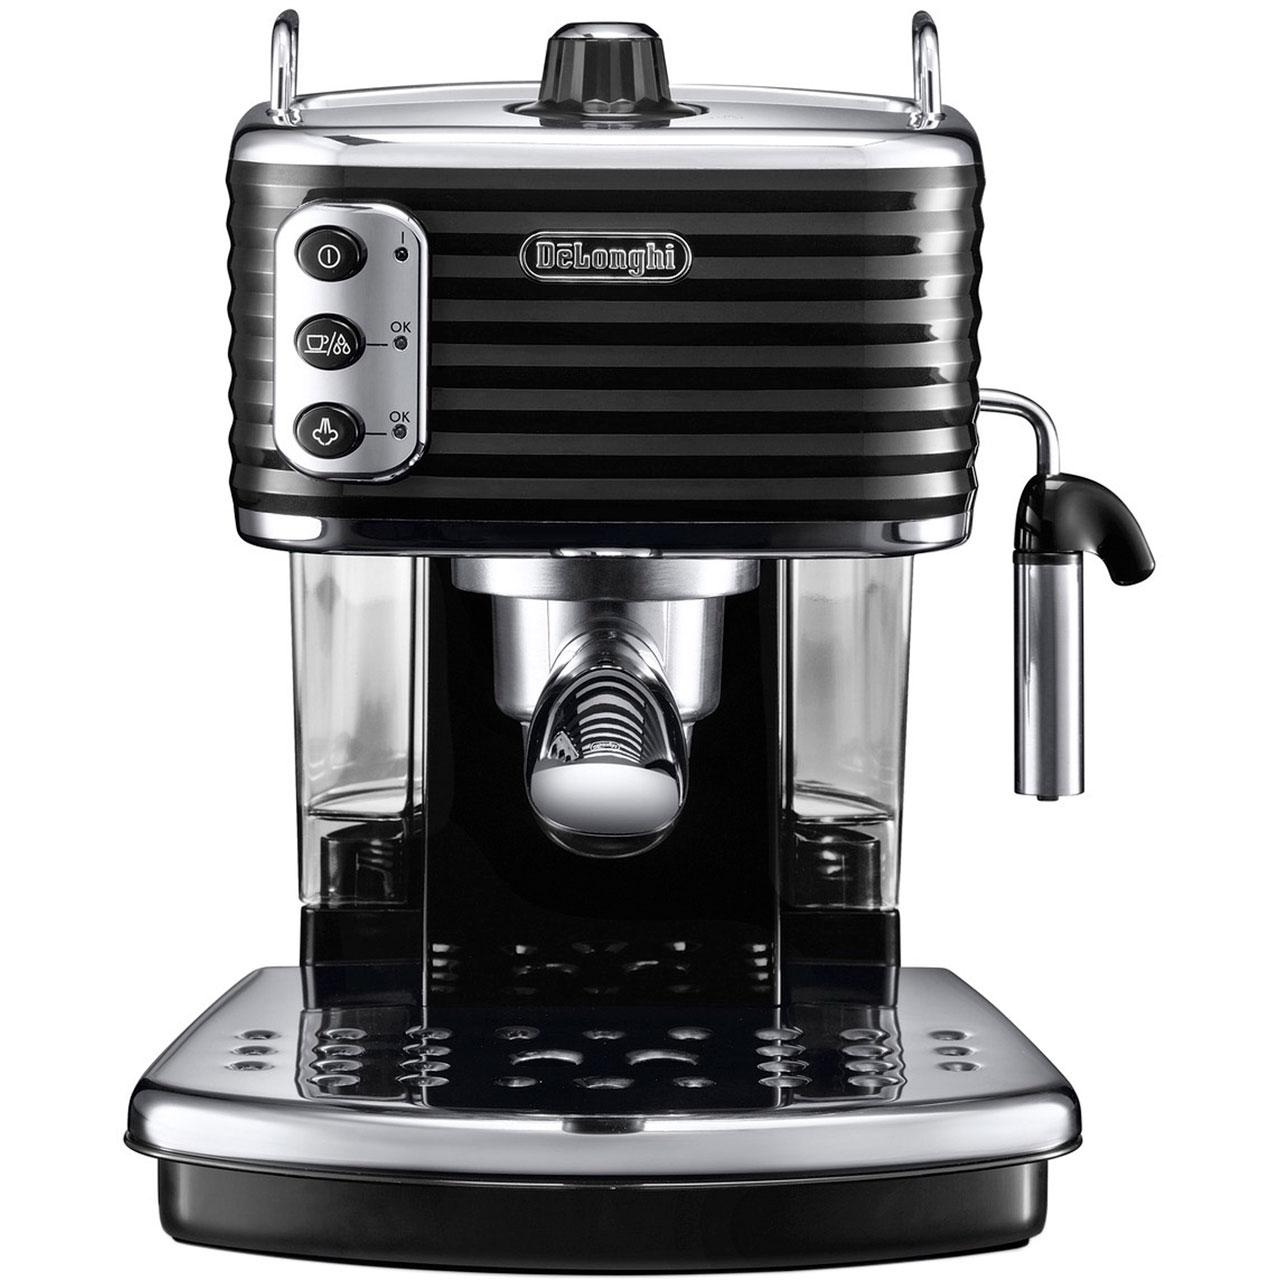 De'Longhi Scultura ECZ351.BK Espresso Coffee Machine - Black £129 (£79 after £50 cashback from AO) @ AO